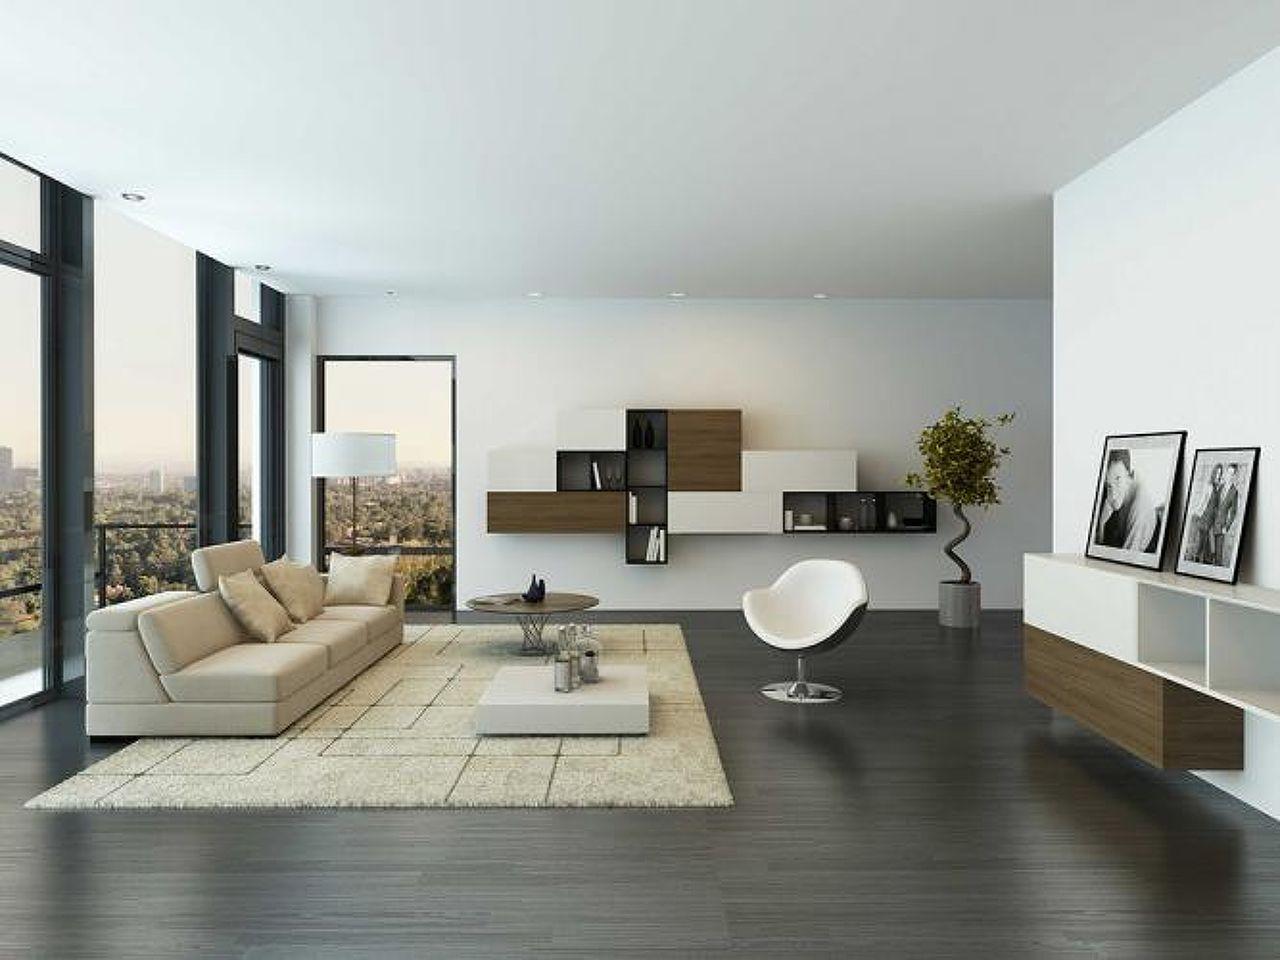 Photo 1 of Komercel - real estate